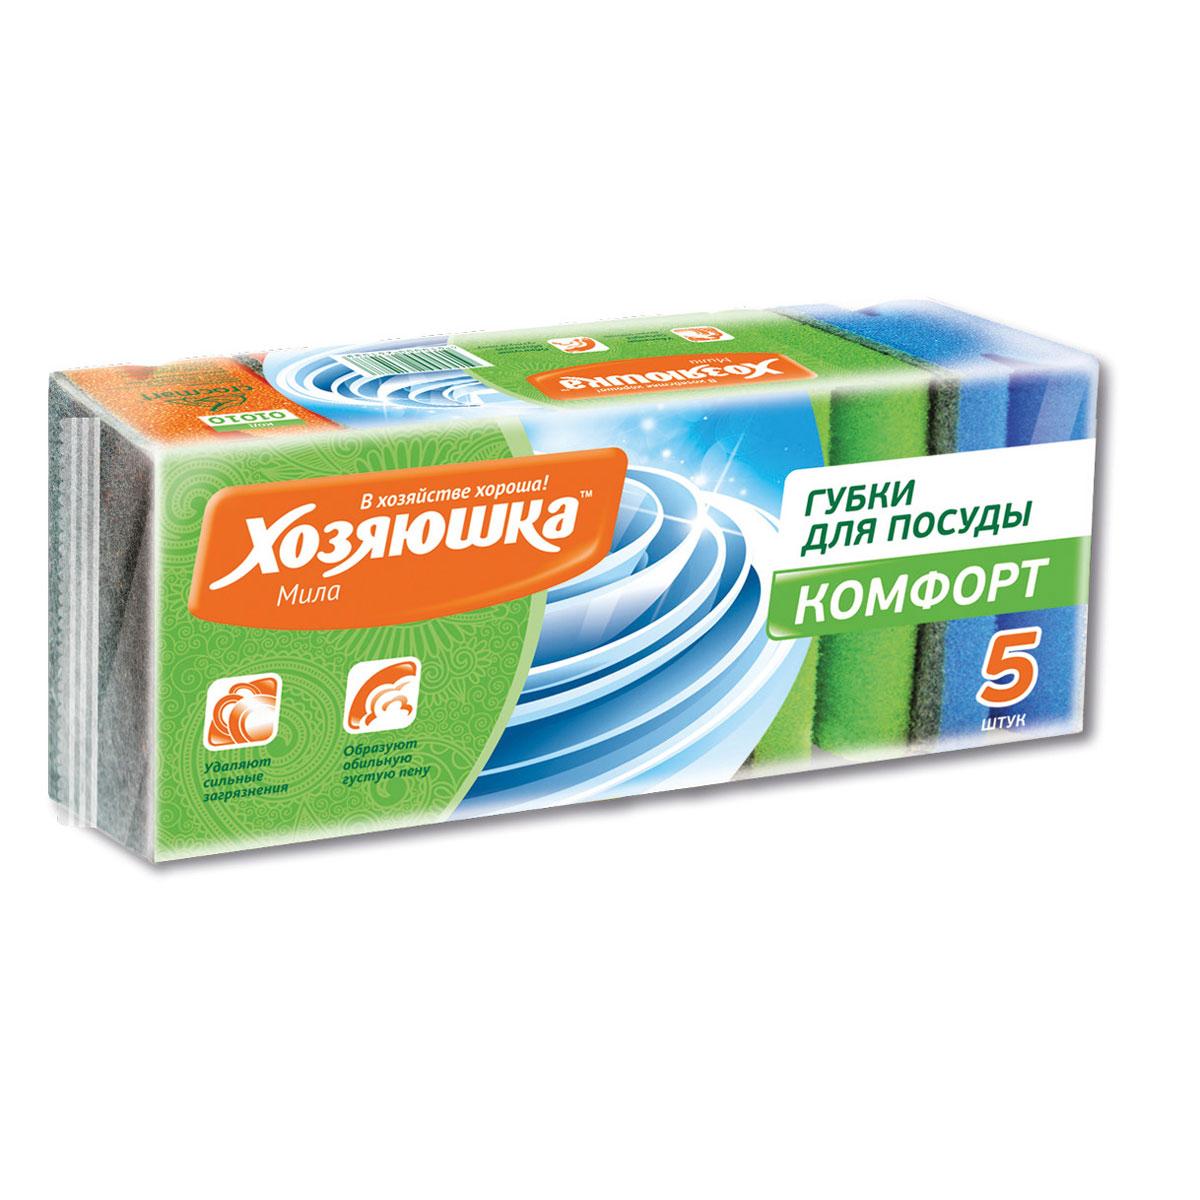 Набор губок Хозяюшка Мила Комфорт для мытья посуды, 5 шт01010Набор Хозяюшка Мила Комфорт состоит из 5 цветных поролоновых губок. Губки оформлены абразивным чистящим слоем. Глубокая фаска предназначена для защиты ногтей от моющих средств и механических повреждений.Комплектация: 5 шт.Размер губки: 9,5 см х 6,5 см х 4 см.